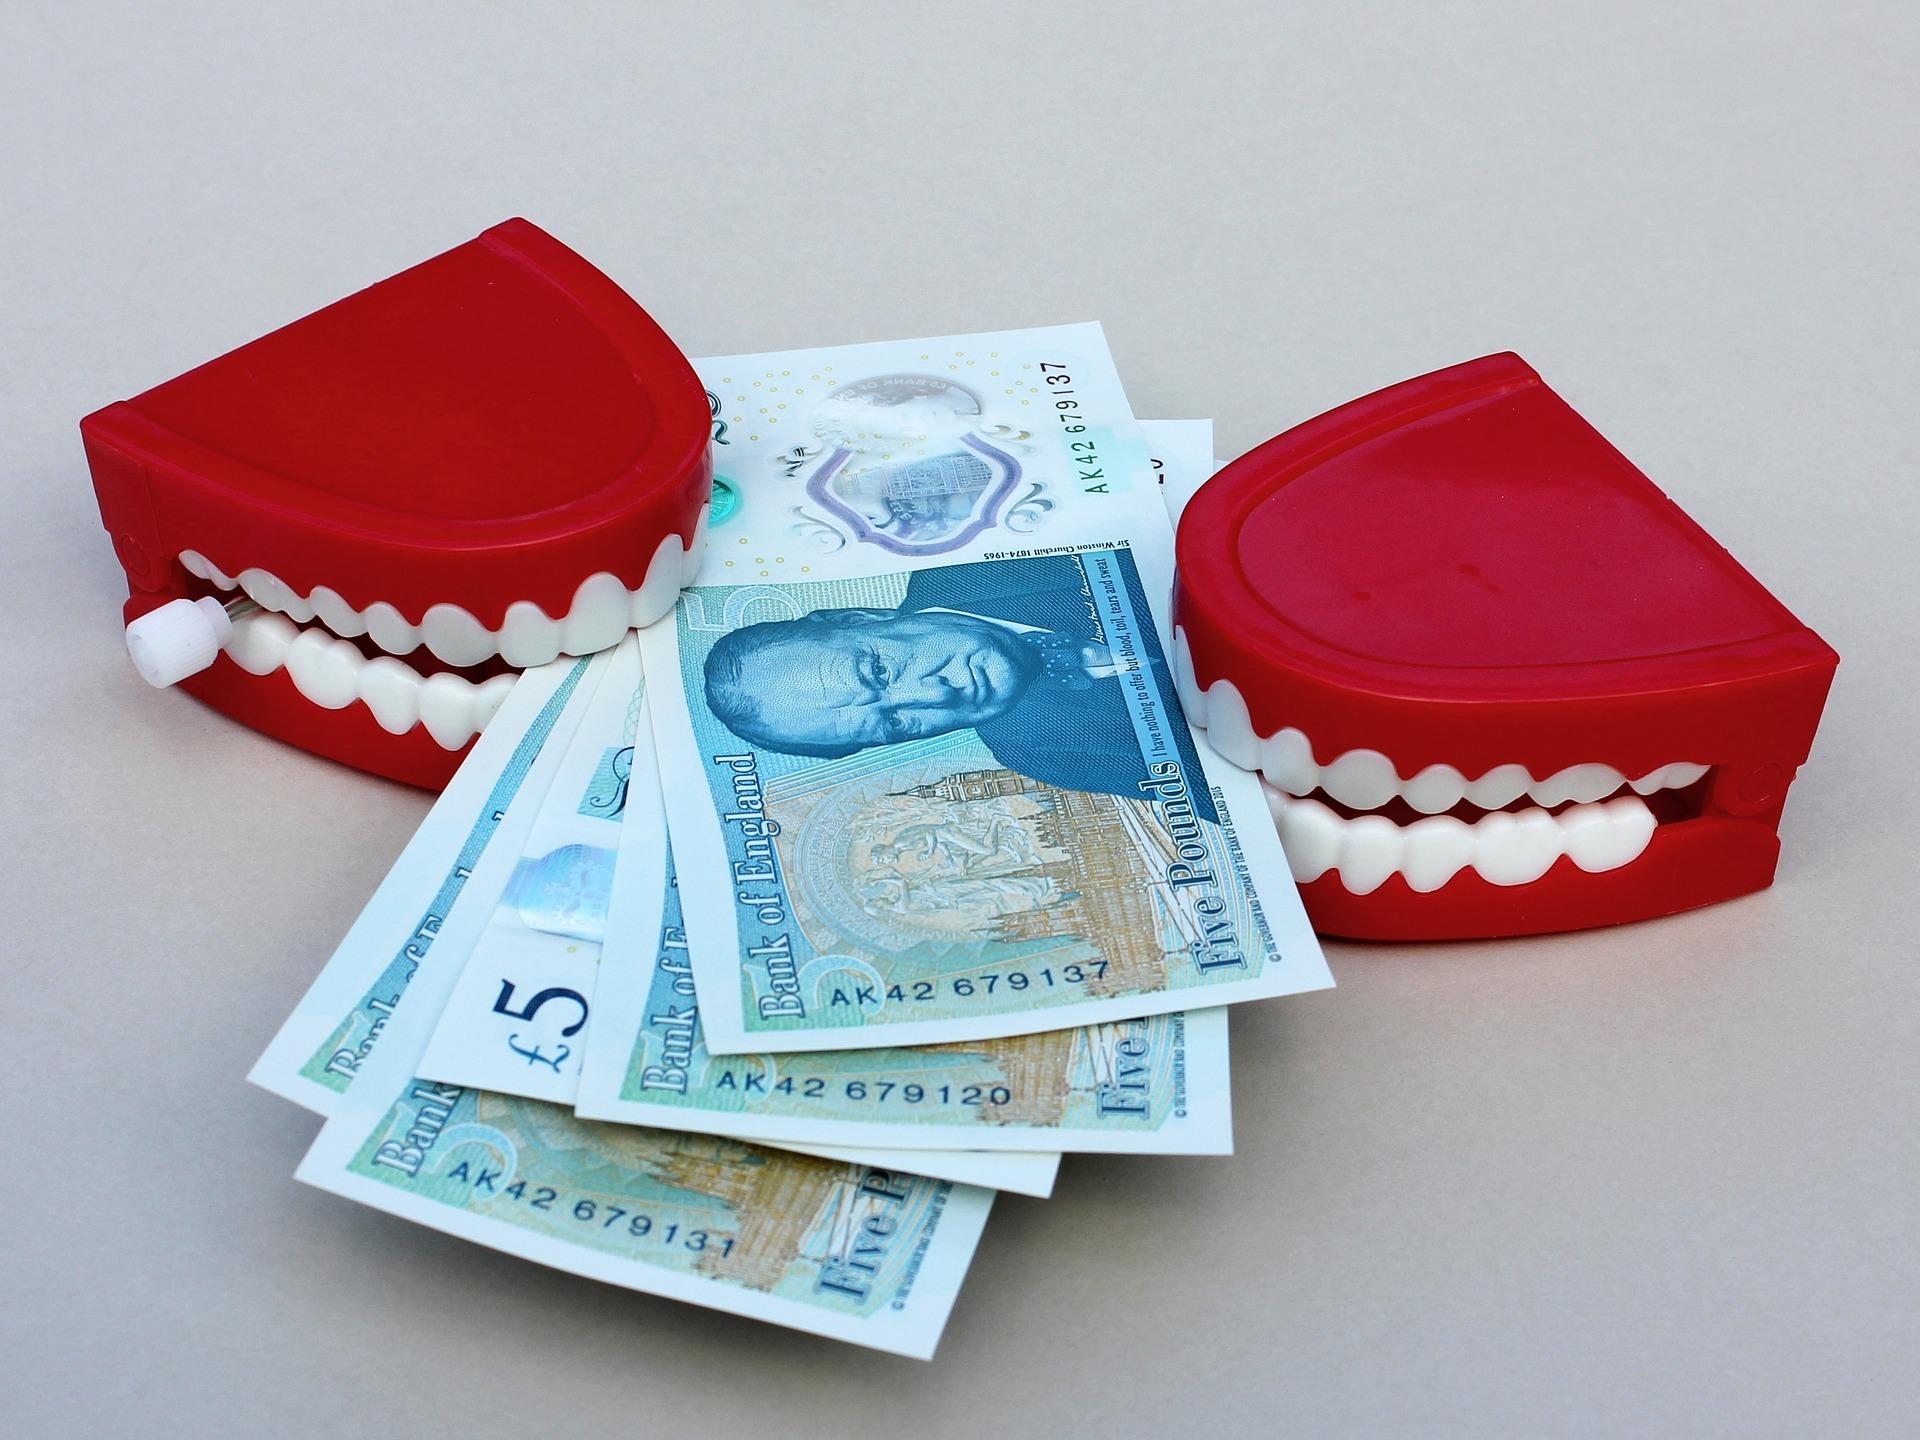 Co je to obchodní úvěr photo 7